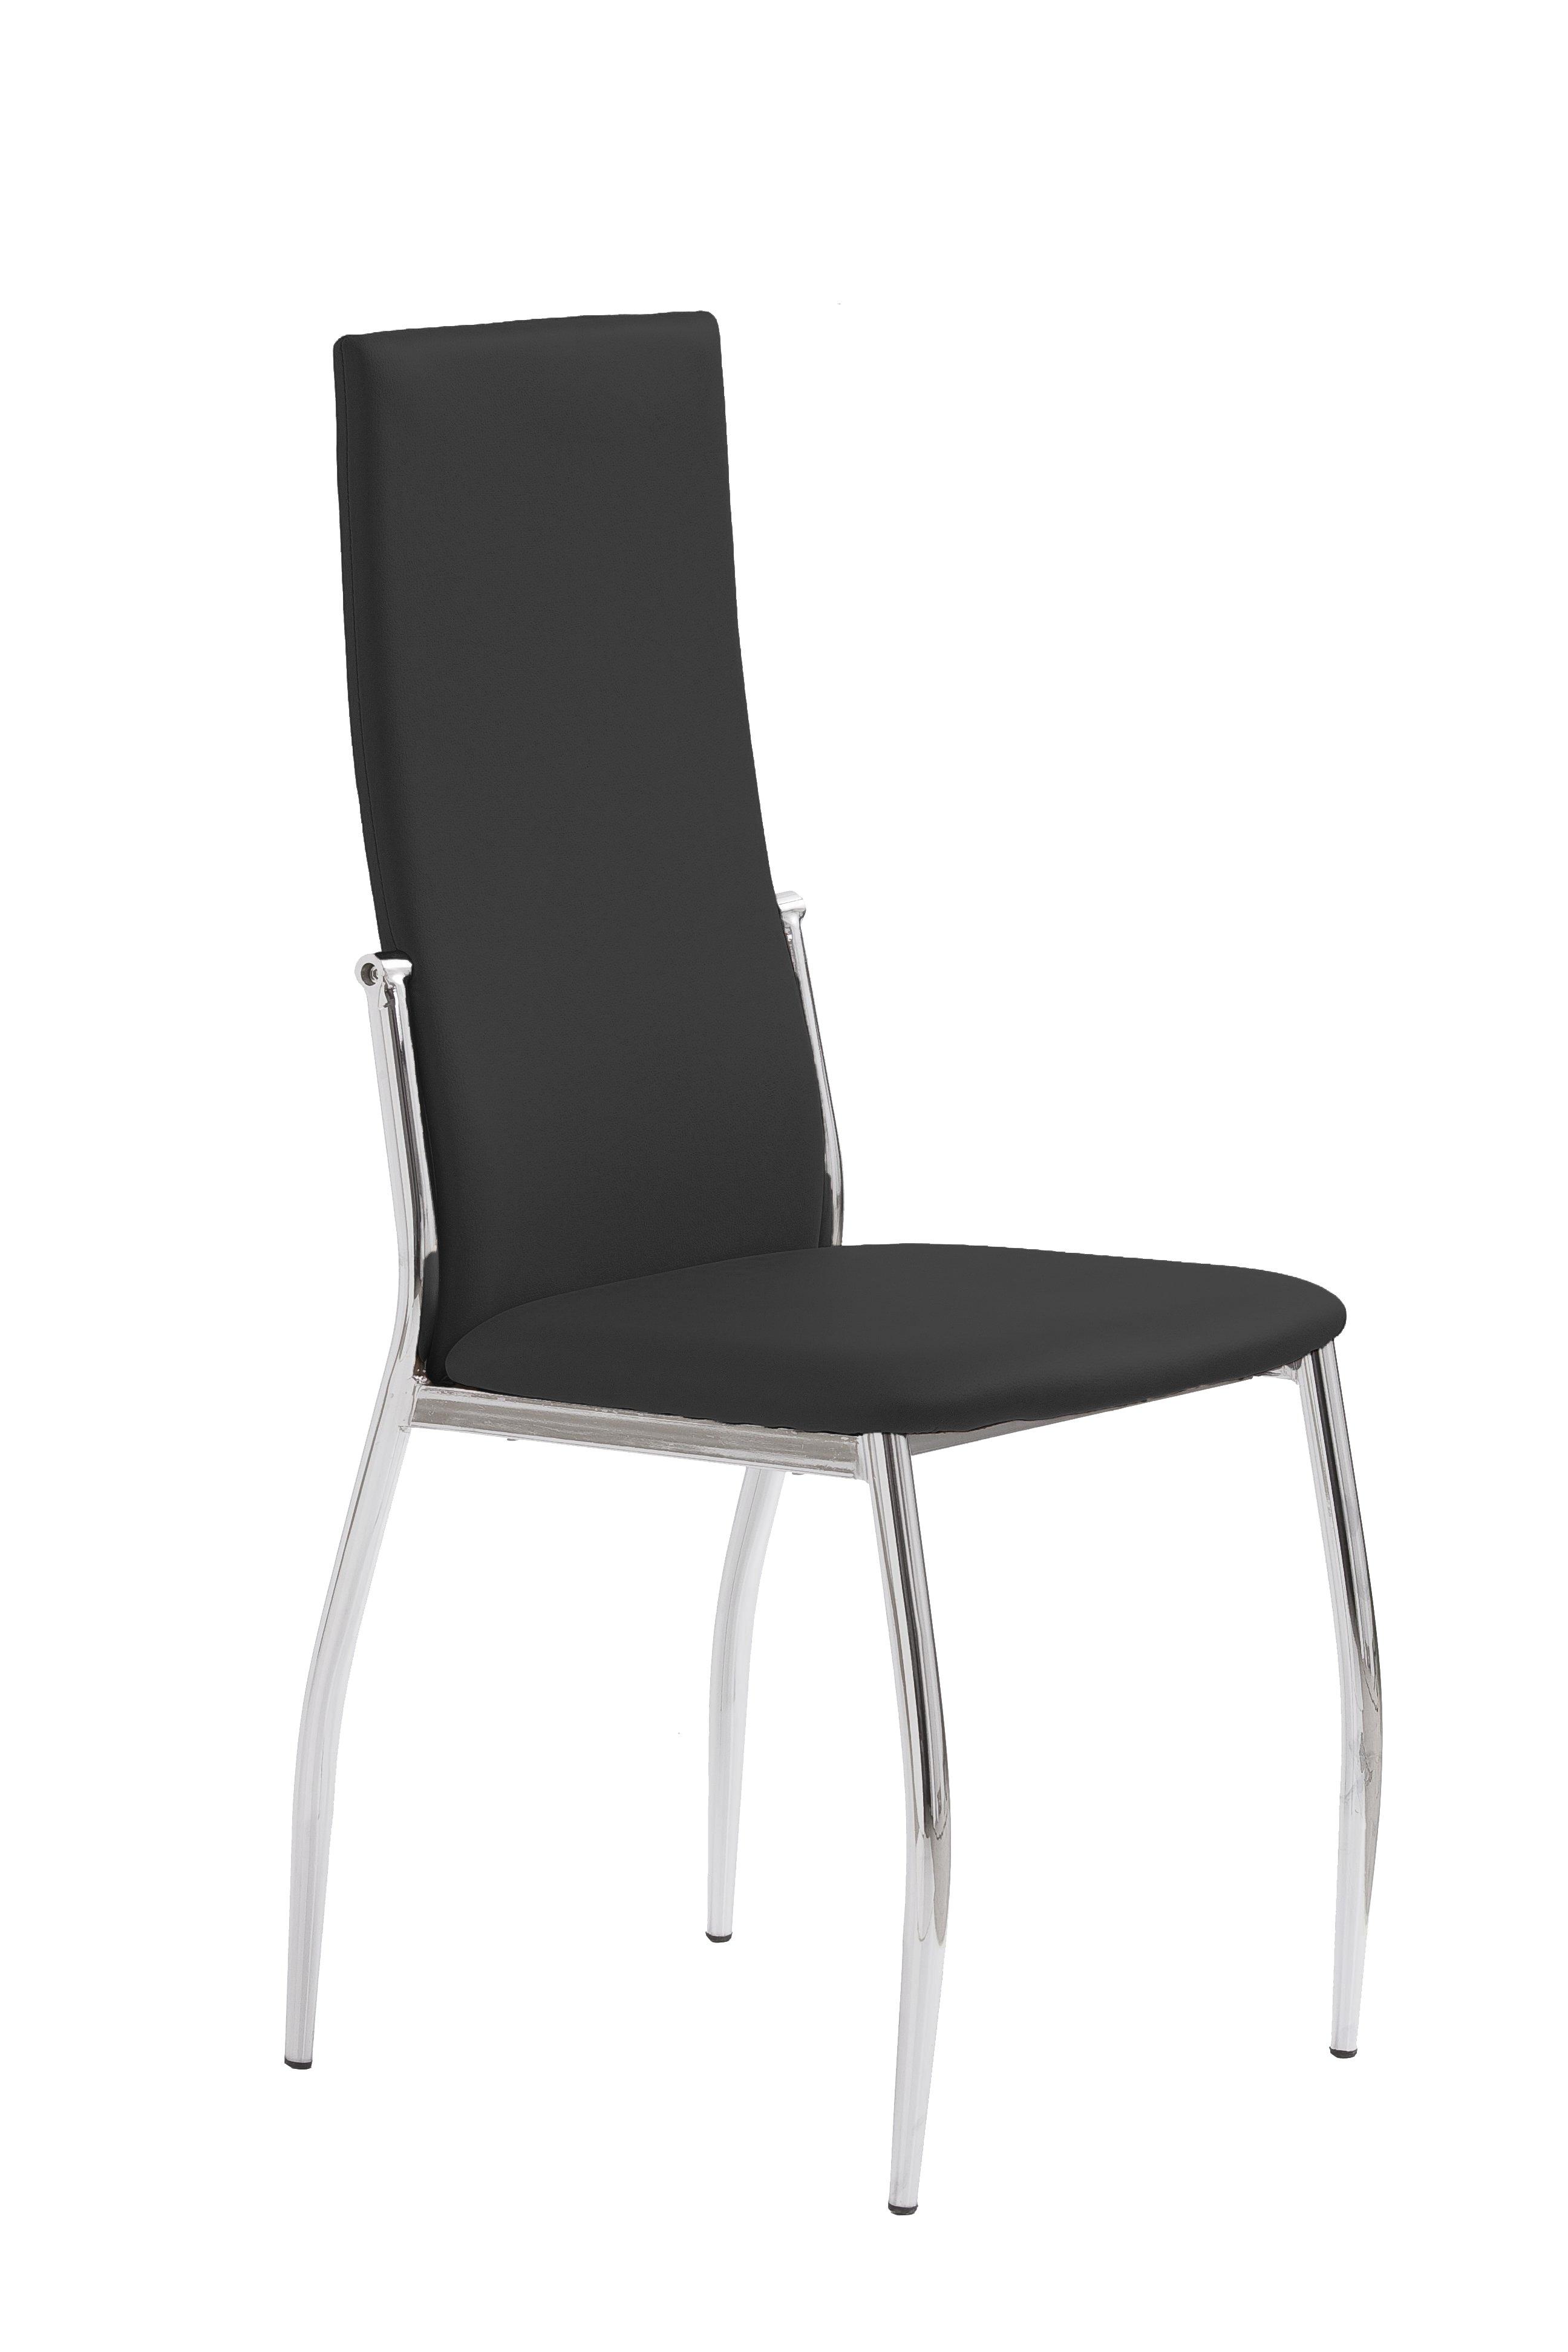 Jídelní židle - Halmar - K3 (černá)